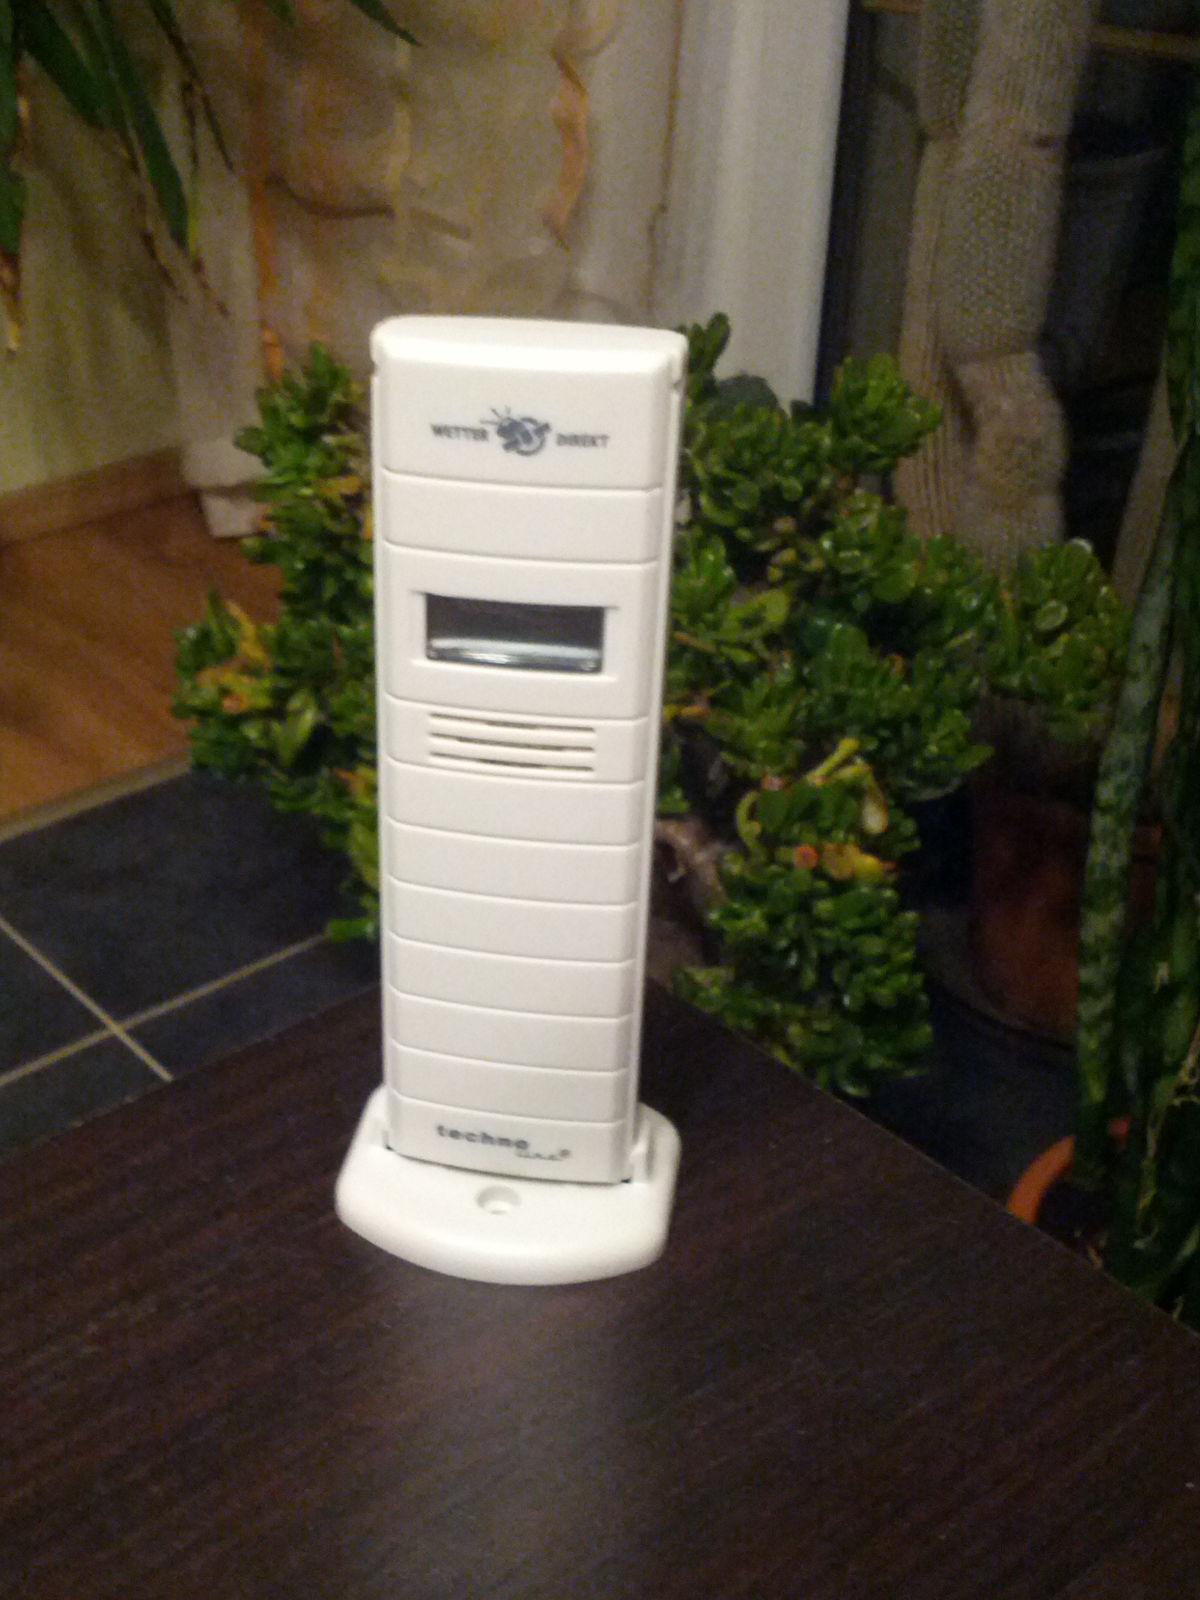 Wettersensoren mit Arduino abfragen | Smarte Welt